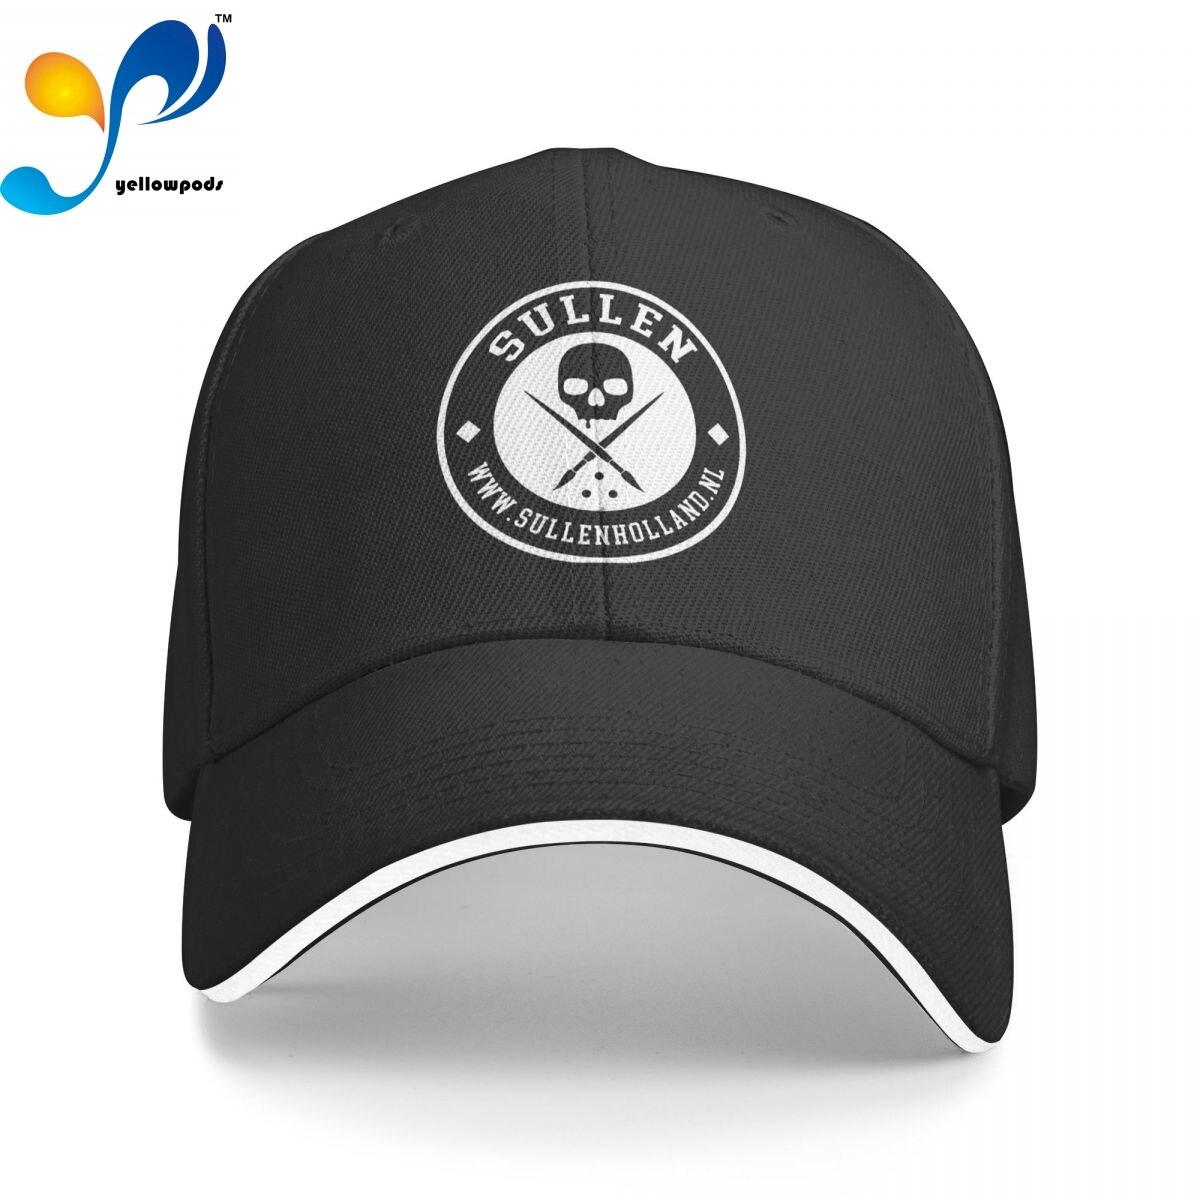 Sullen, одежда с логотипом, Кепка-тракер, бейсболка для мужчин, бейсболка с клапаном, мужские шапки, кепки с логотипом